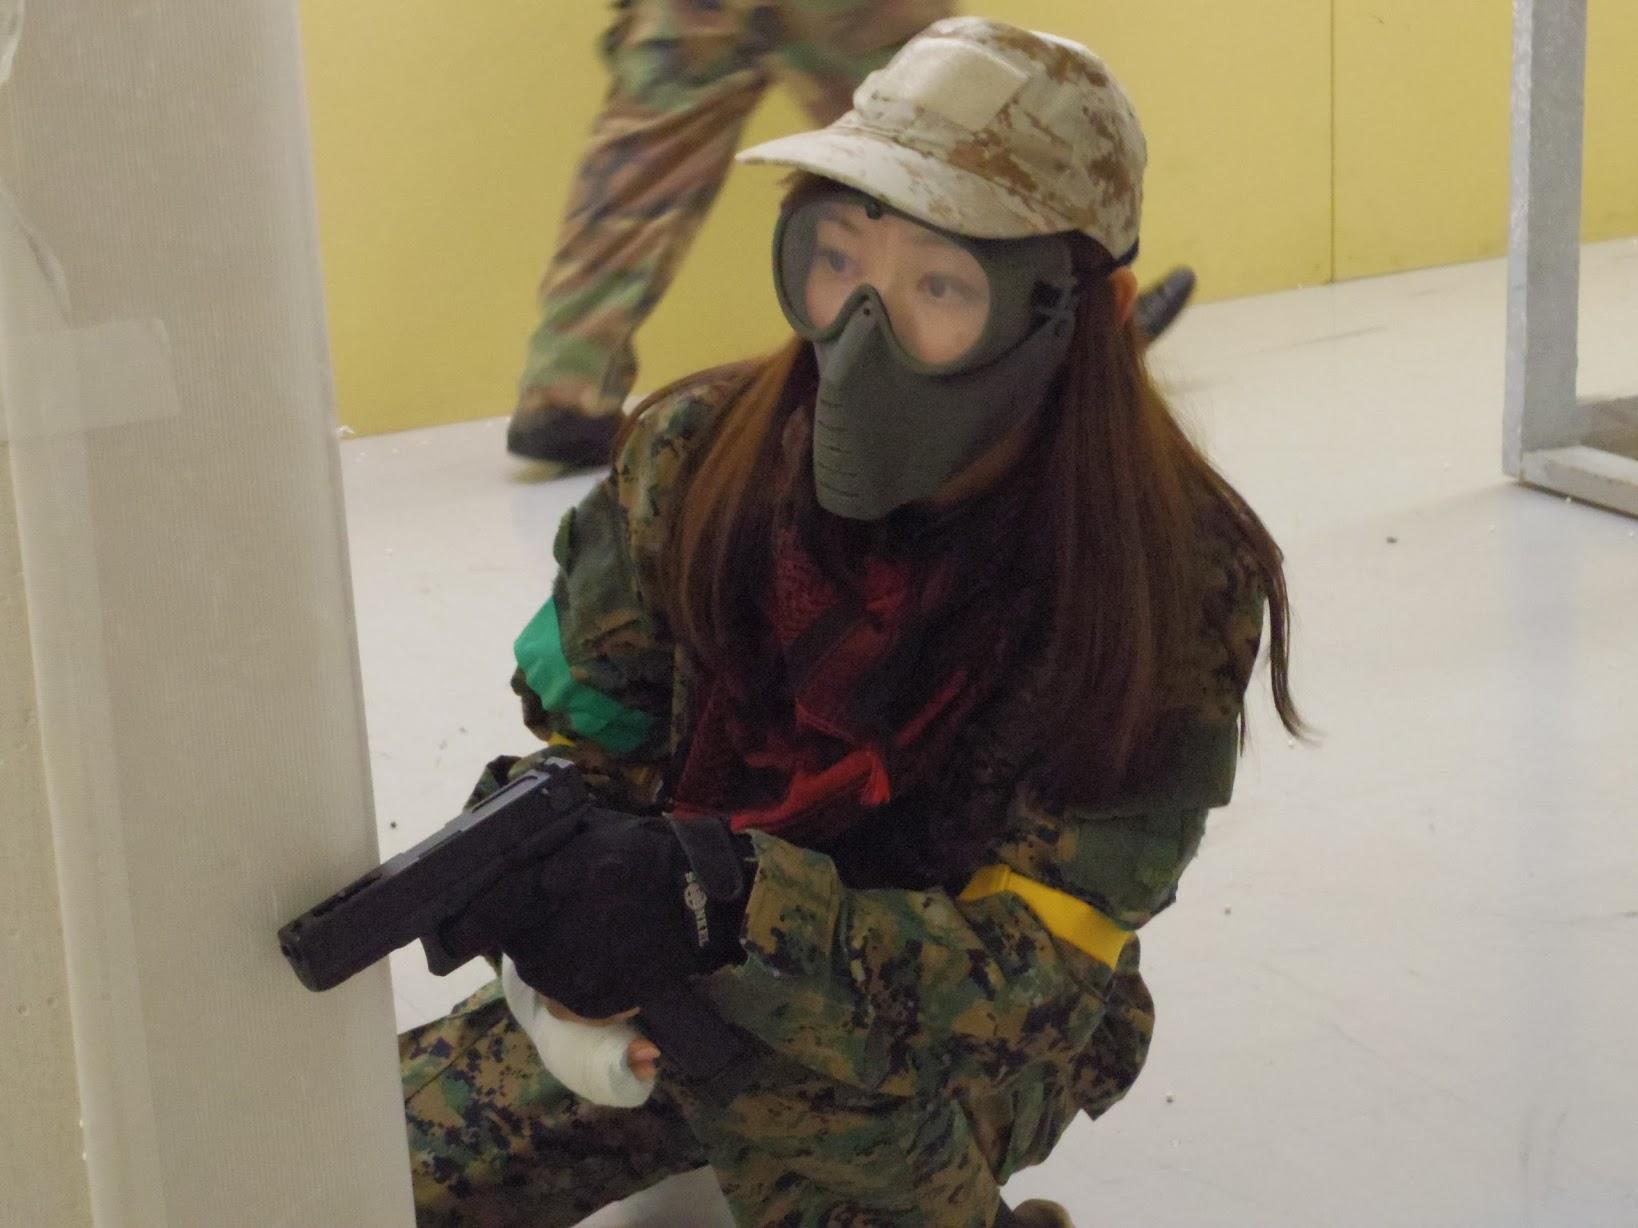 ASOBIBAで戦う!女子サバゲーマー!